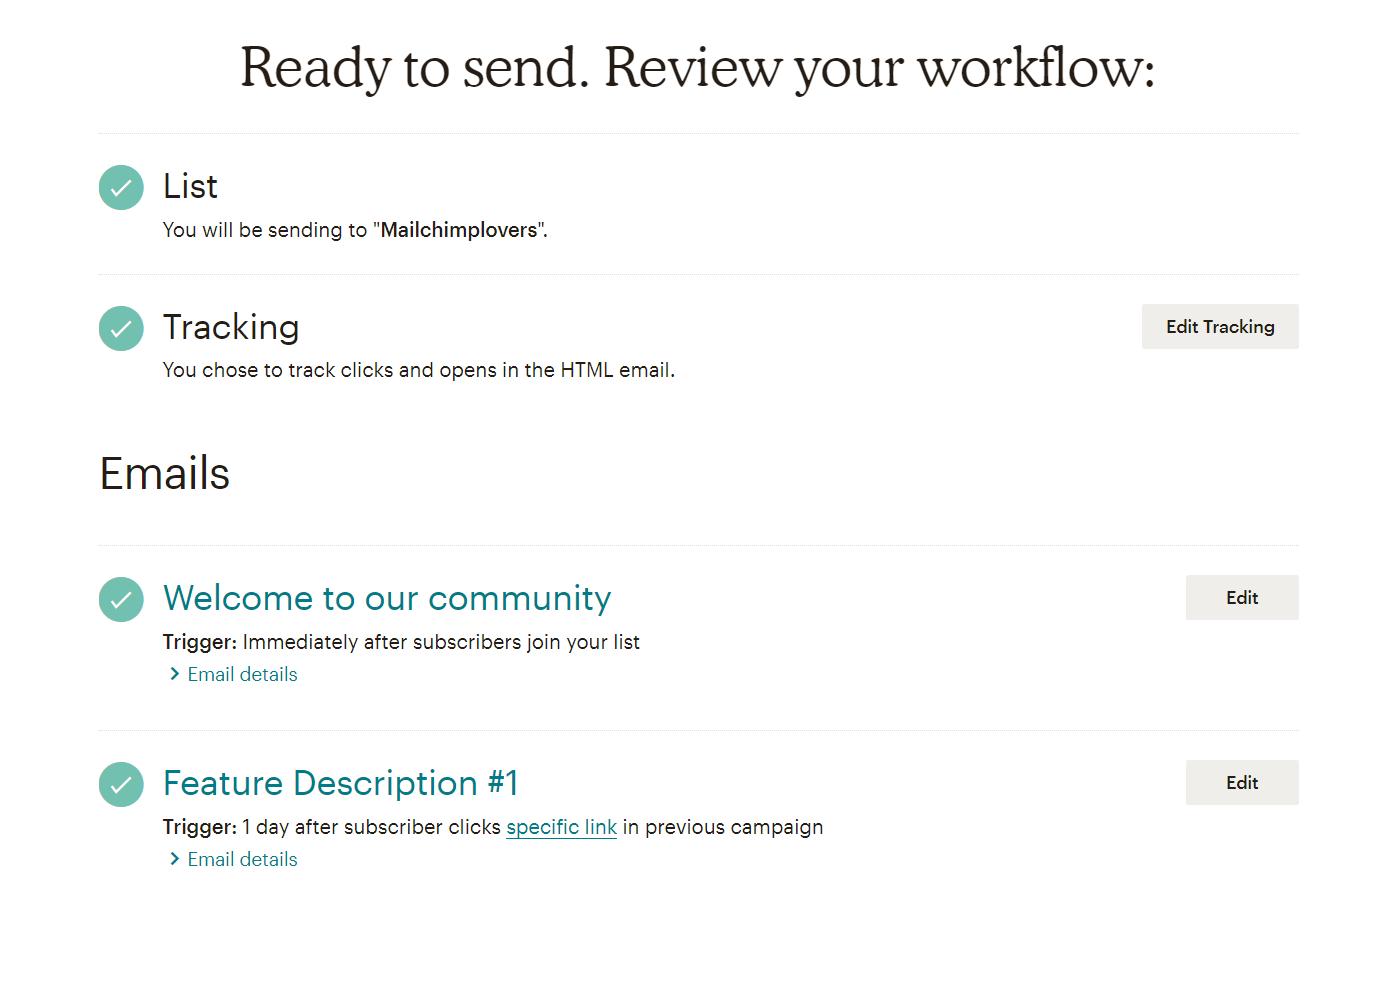 Создание приветственной welcome-цепочки писем в Mailchimp, mailchimp рассылка писем